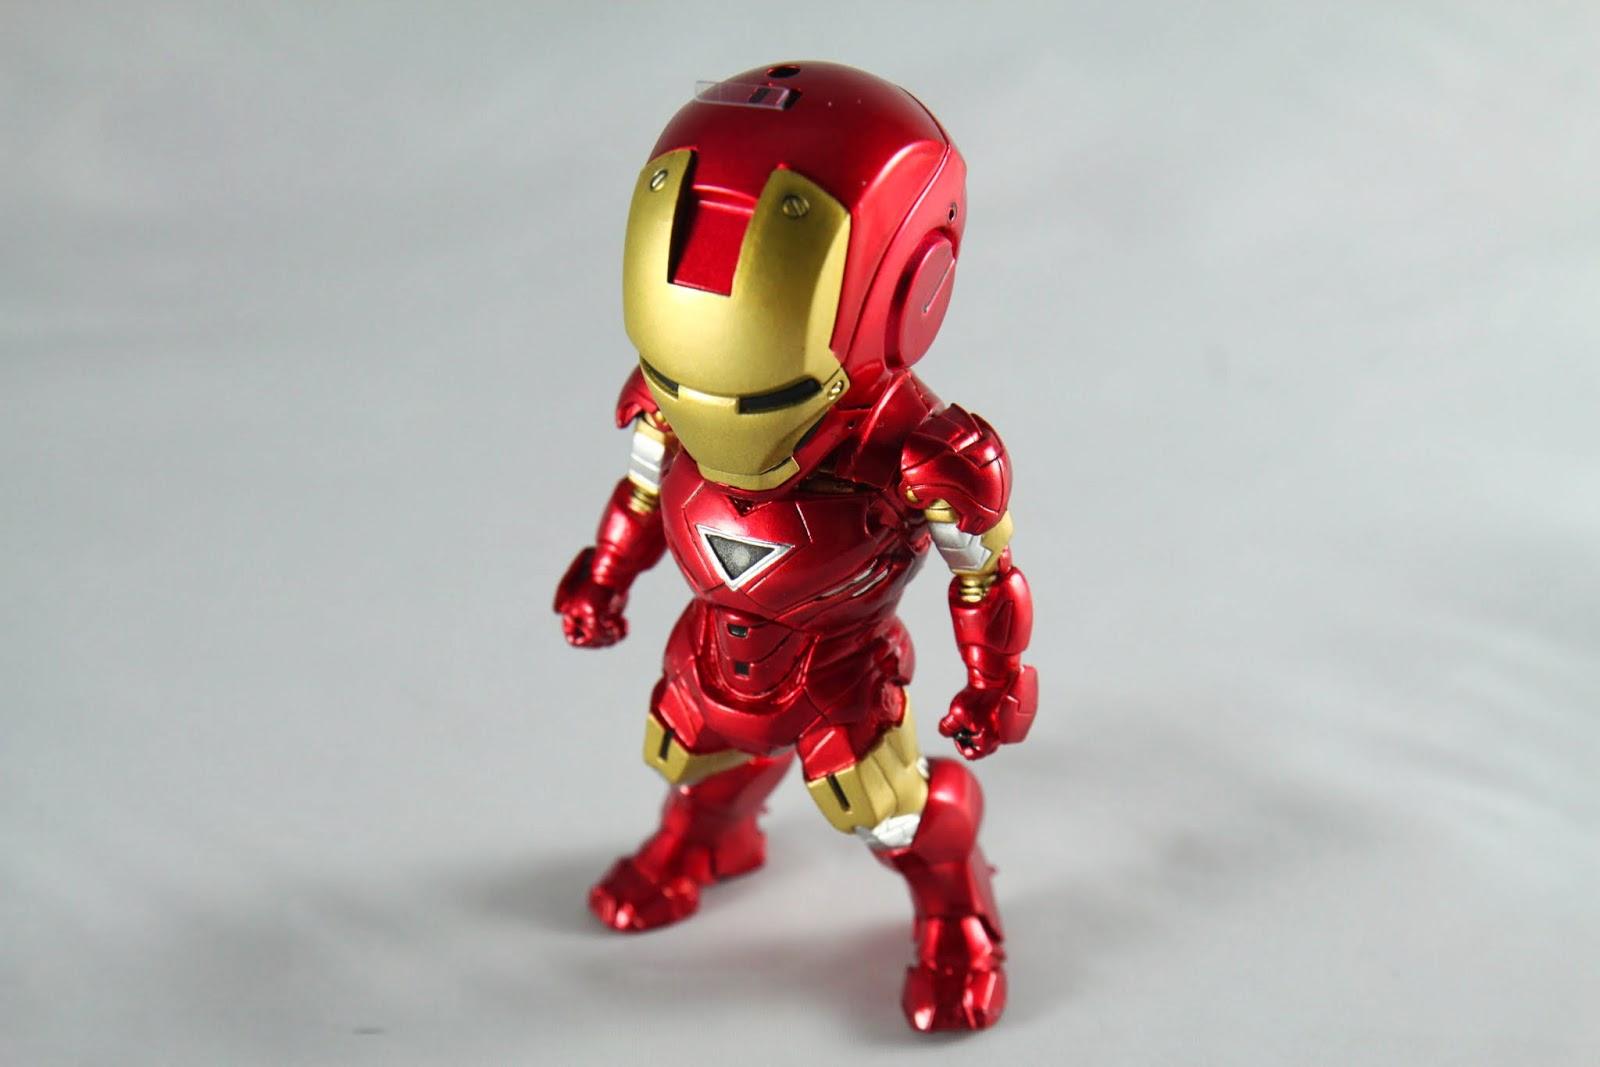 東尼輕易的合成新元素之後使用的第一件裝甲, 無論是出力威力都比舊款的好上很多